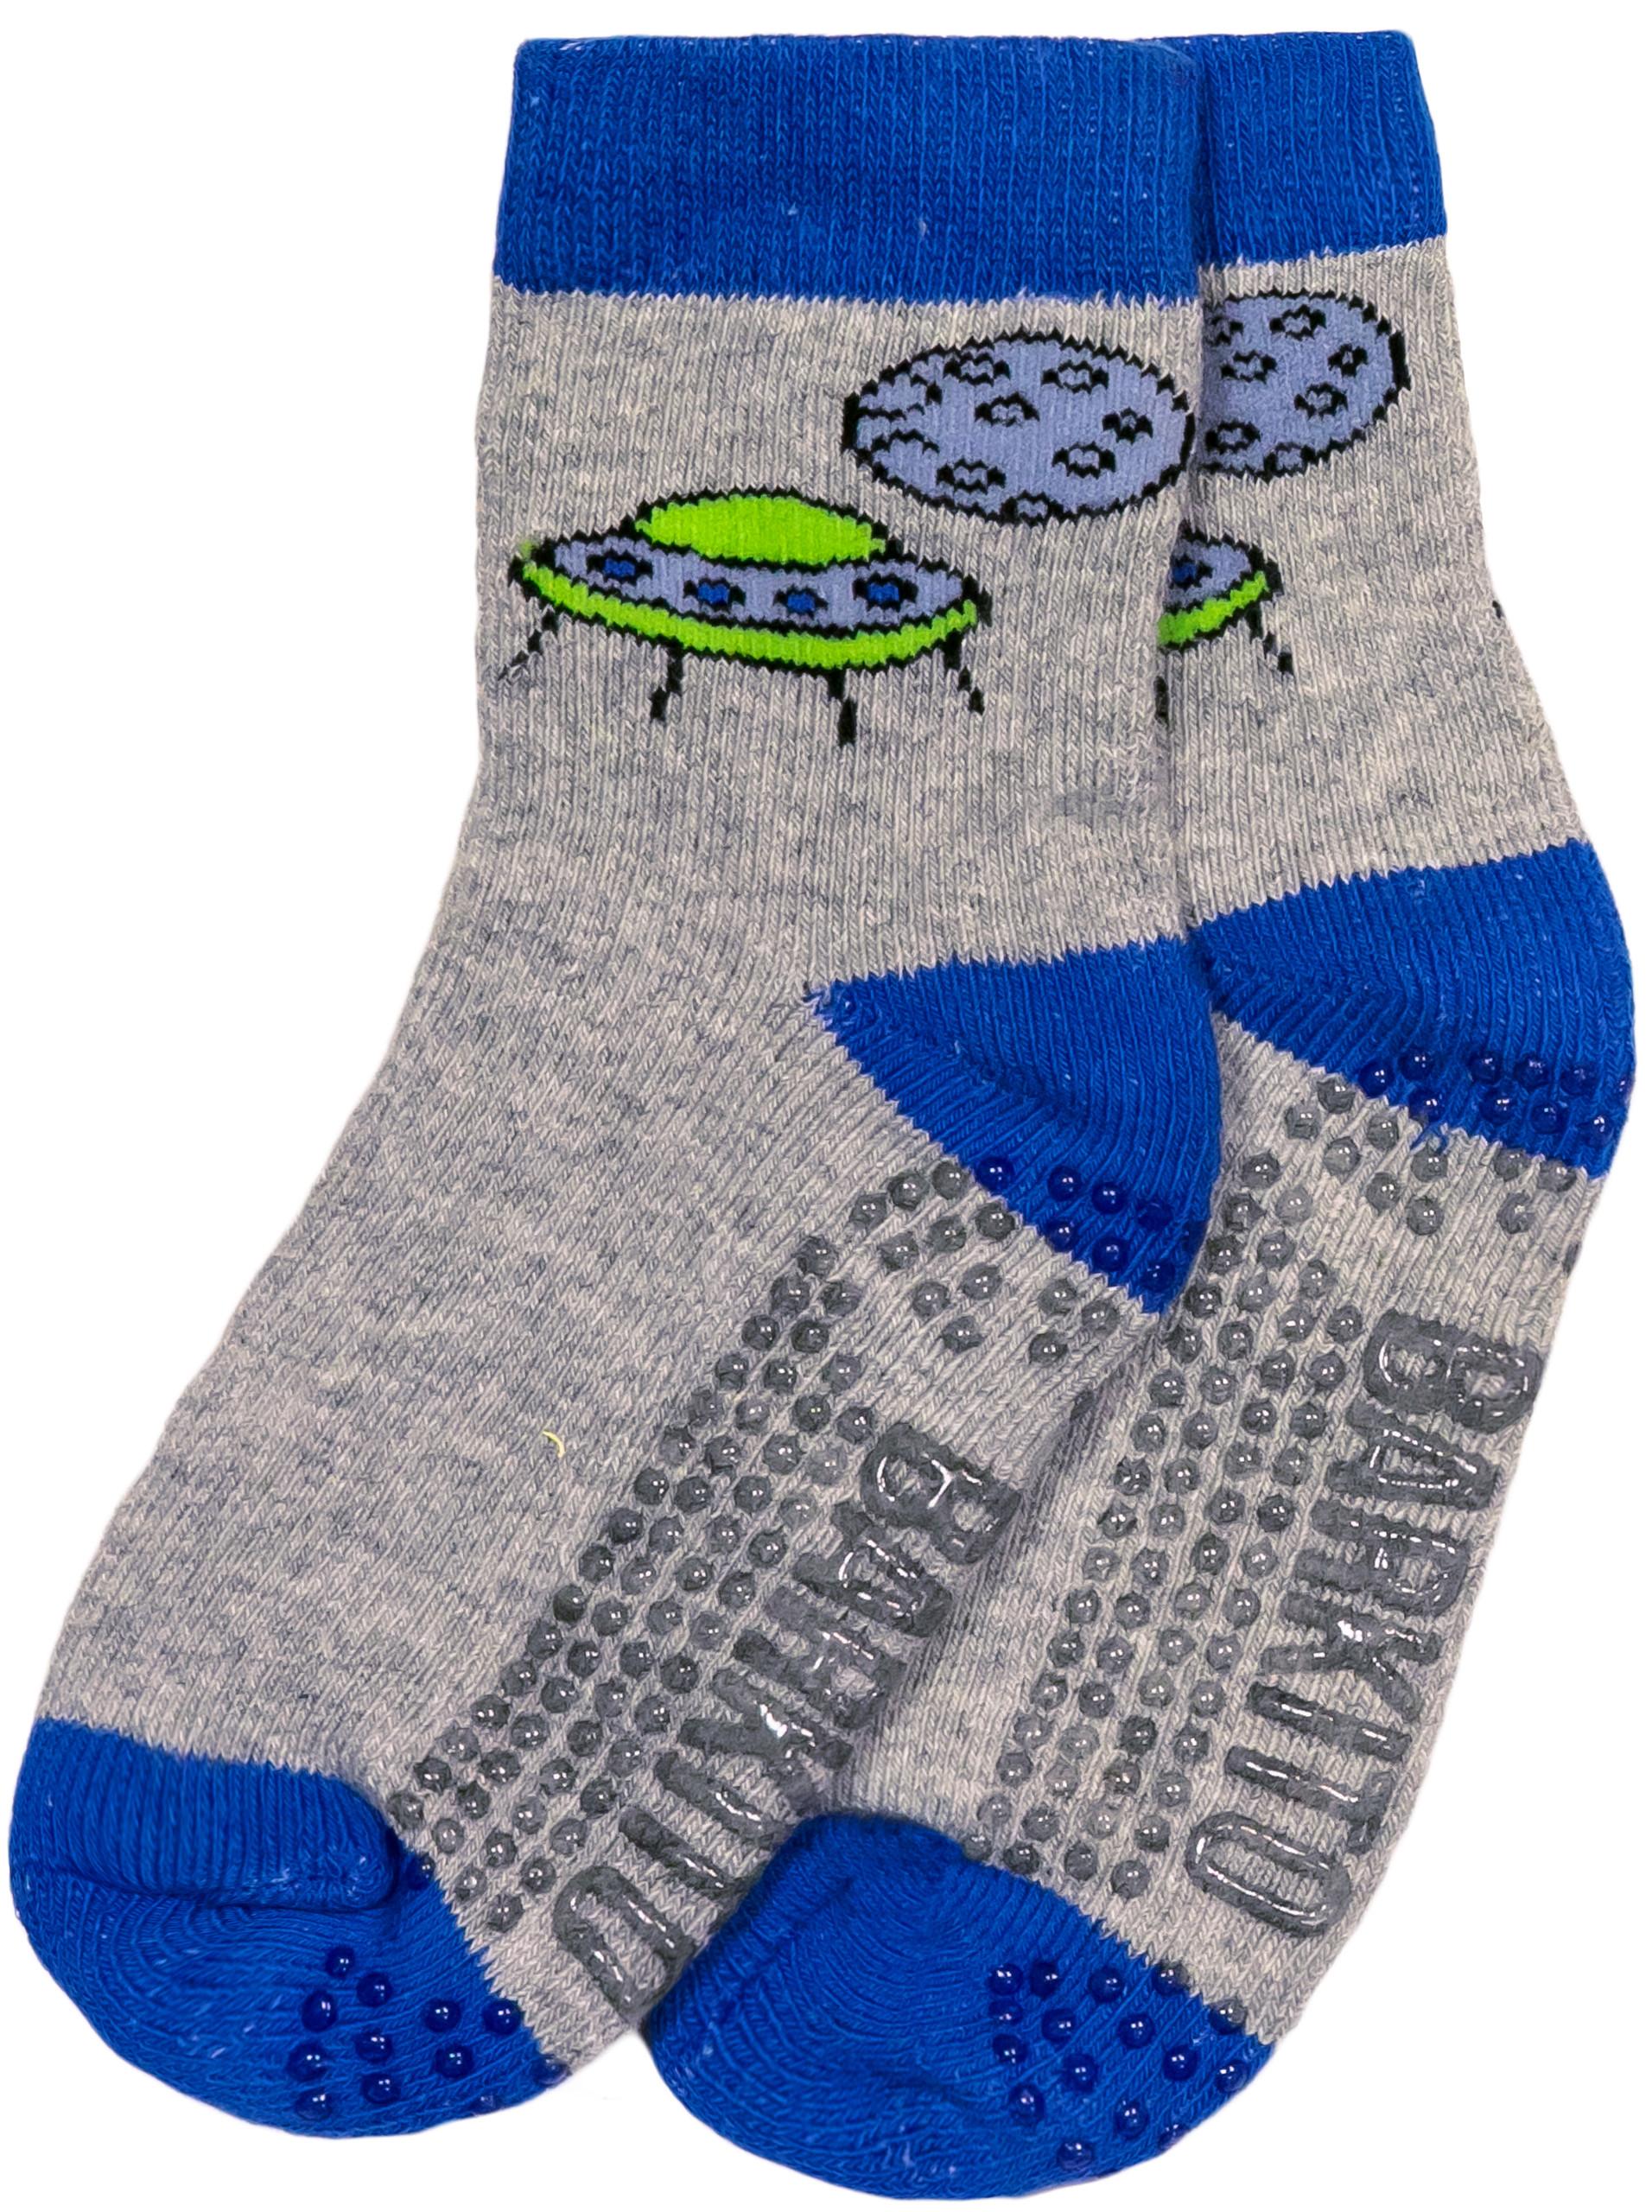 Носки Barkito Носки махровые антискользящие для мальчика Barkito, серые с рисунком ostin махровые носки с новогодним рисунком